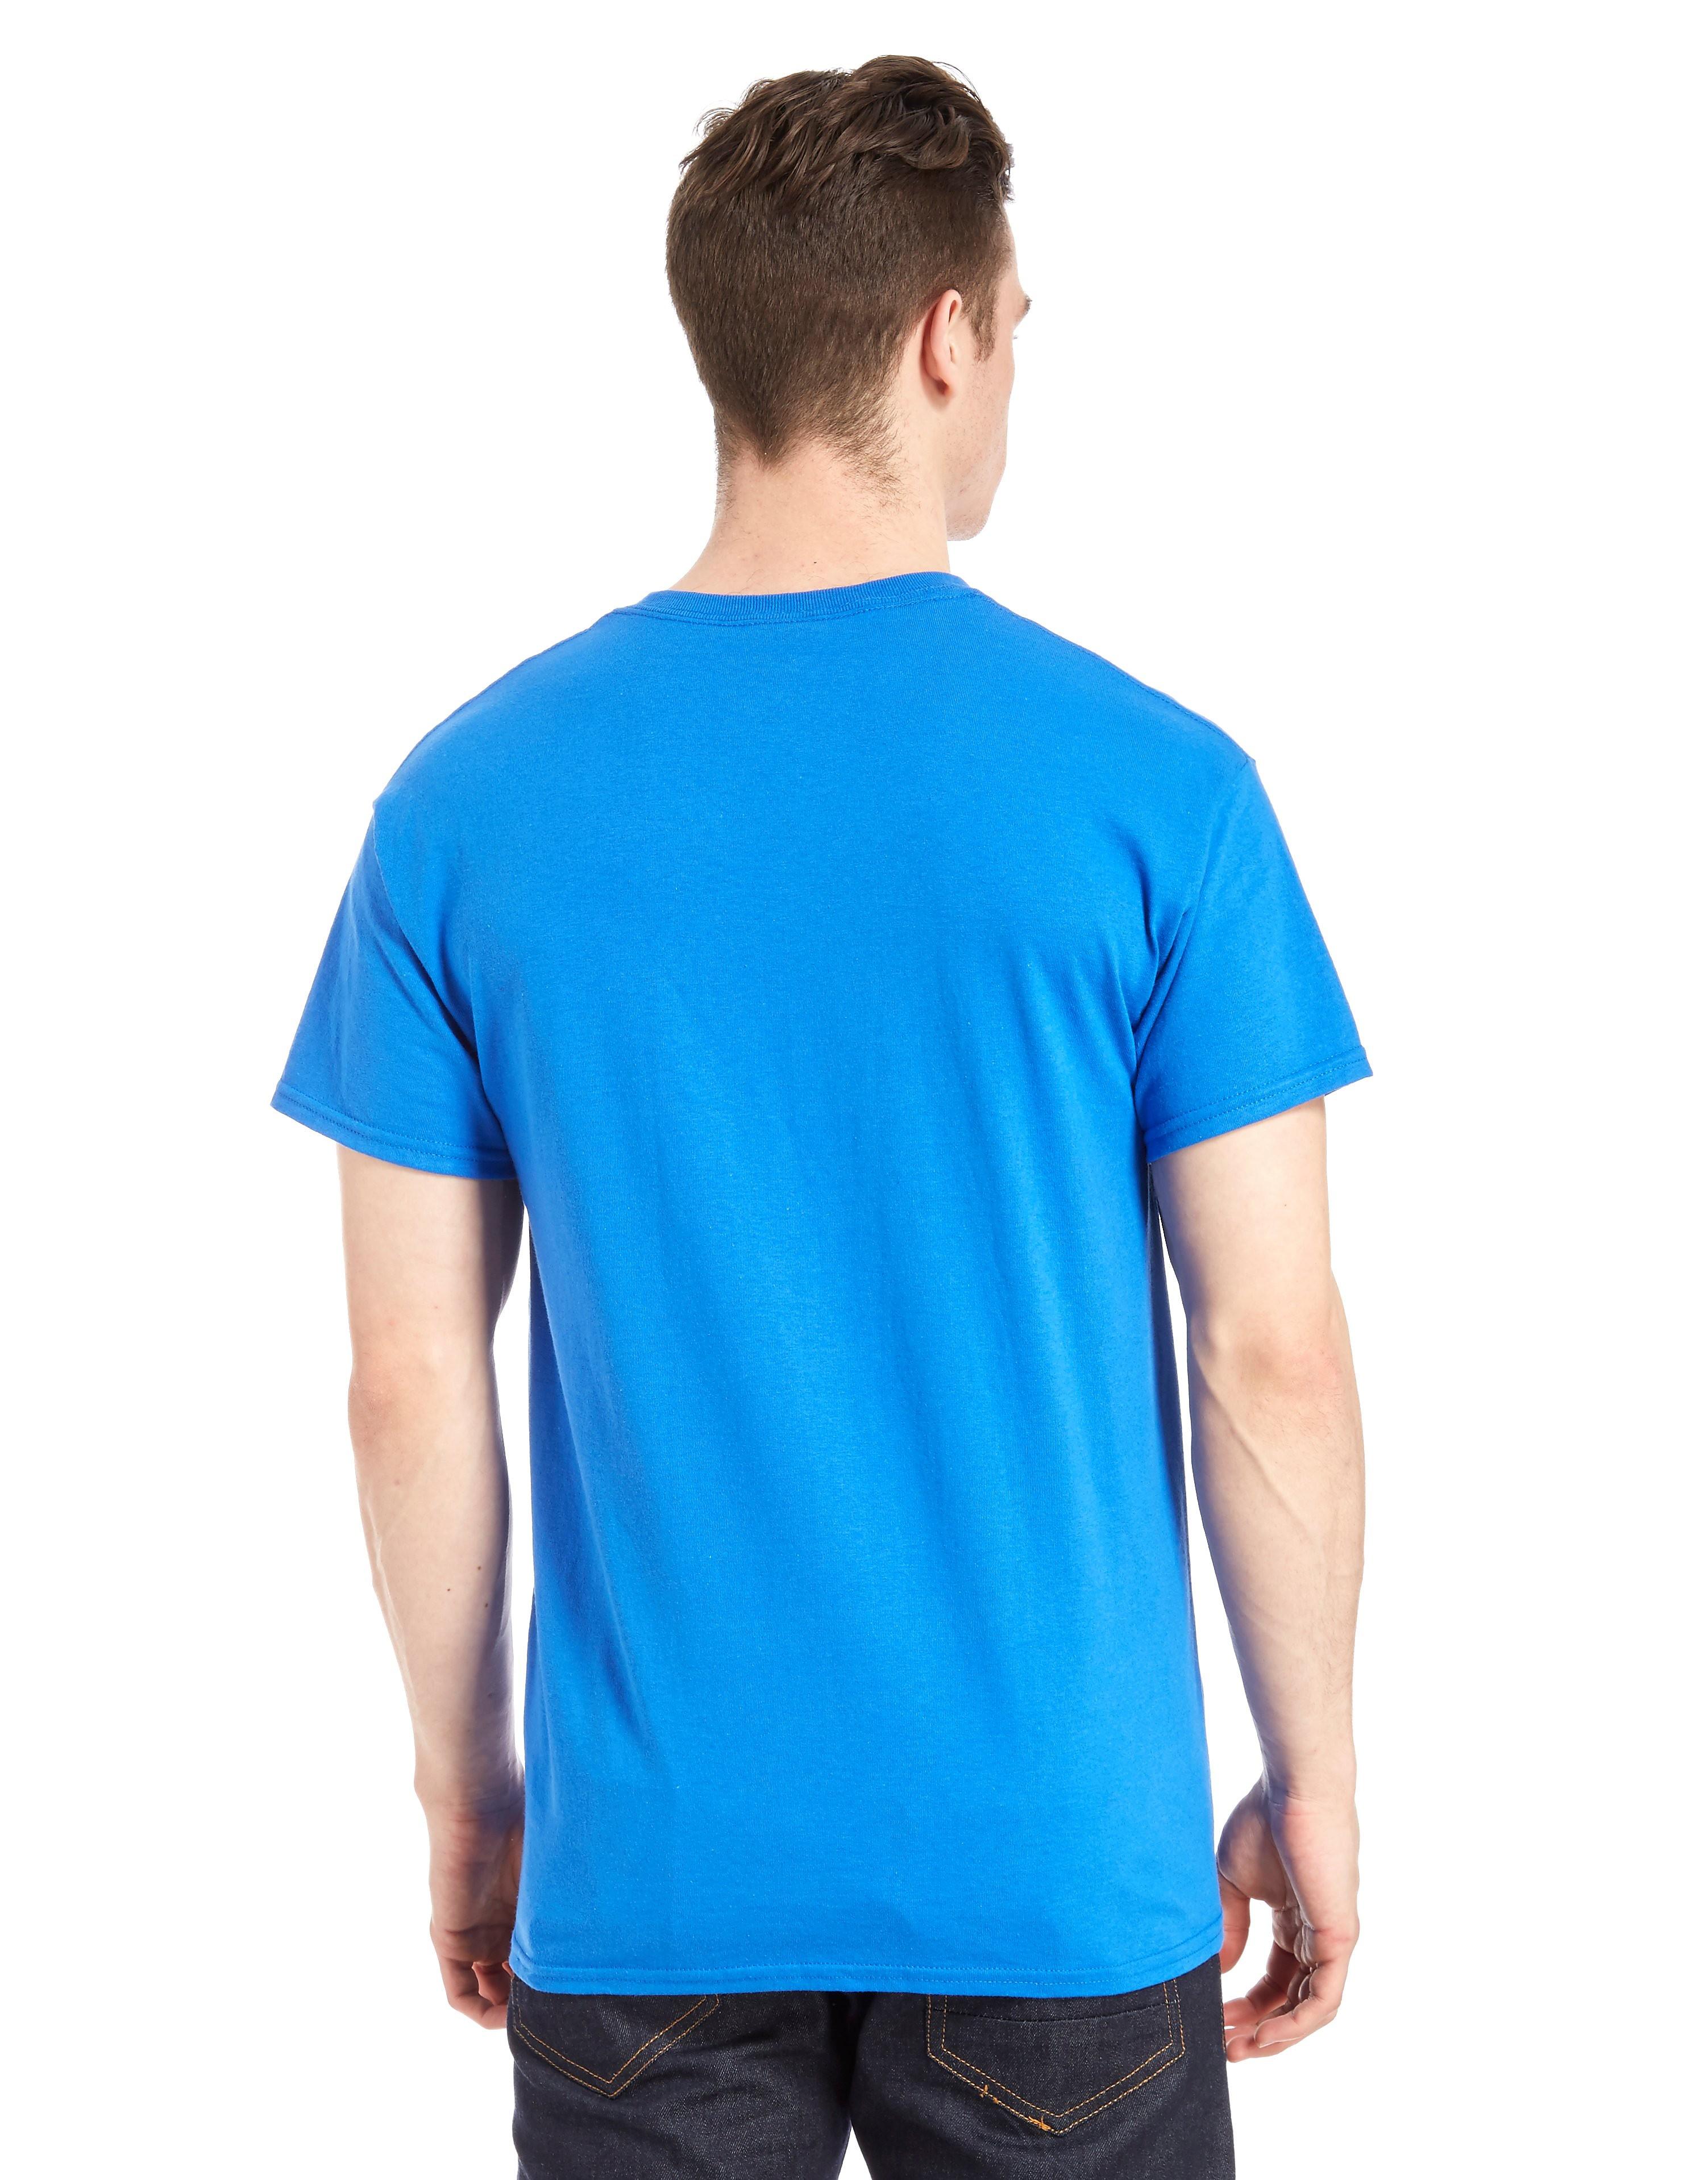 Official Team Leinster T-Shirt